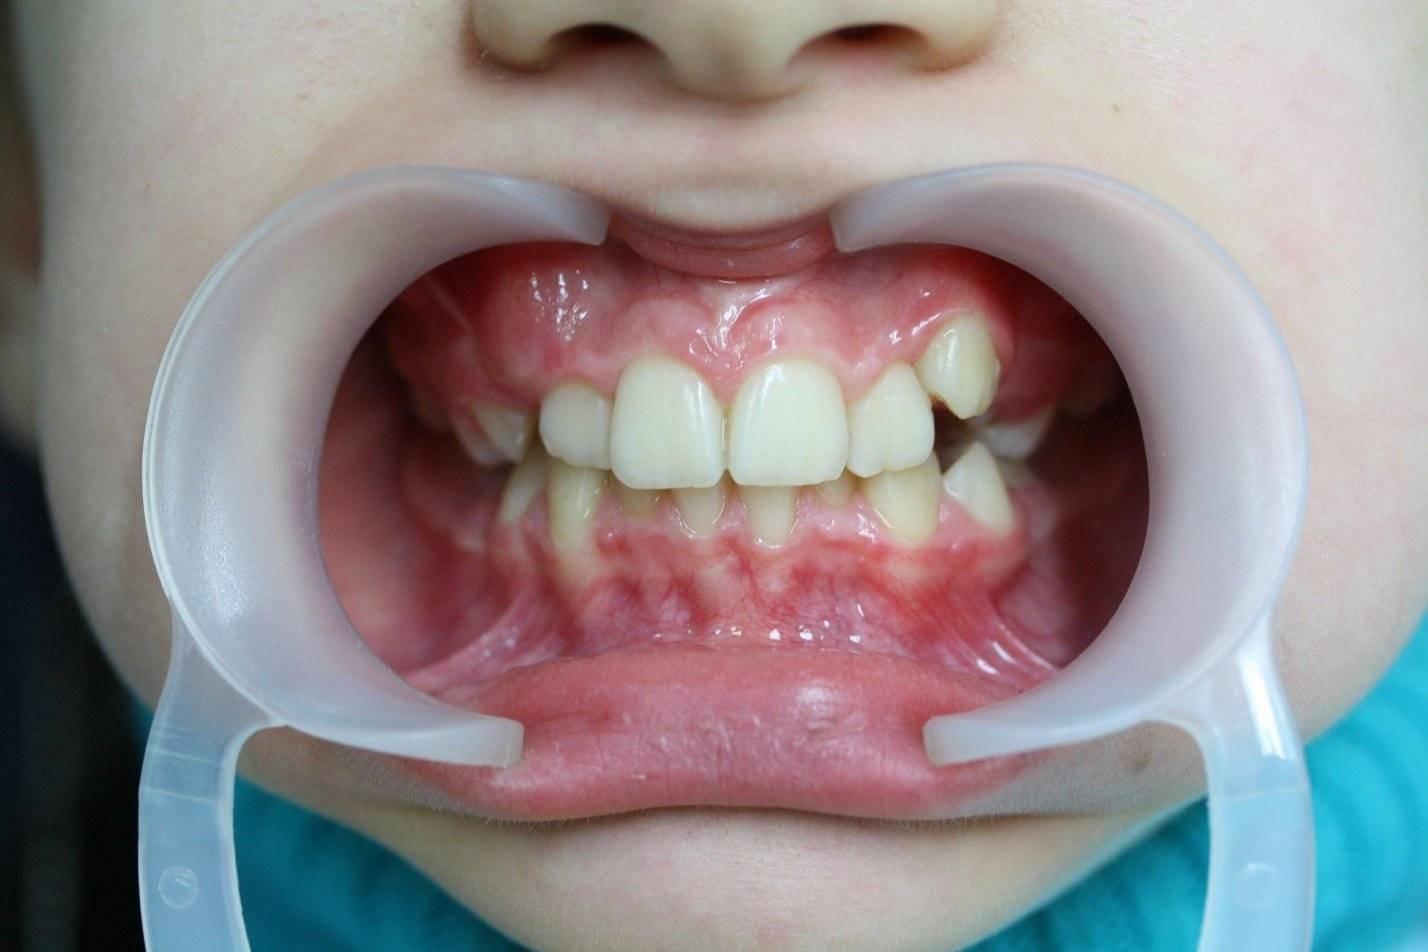 Флюс у ребенка на зубе или щеке - причины, симптомы, лечение. что можно сделать в домашних условиях